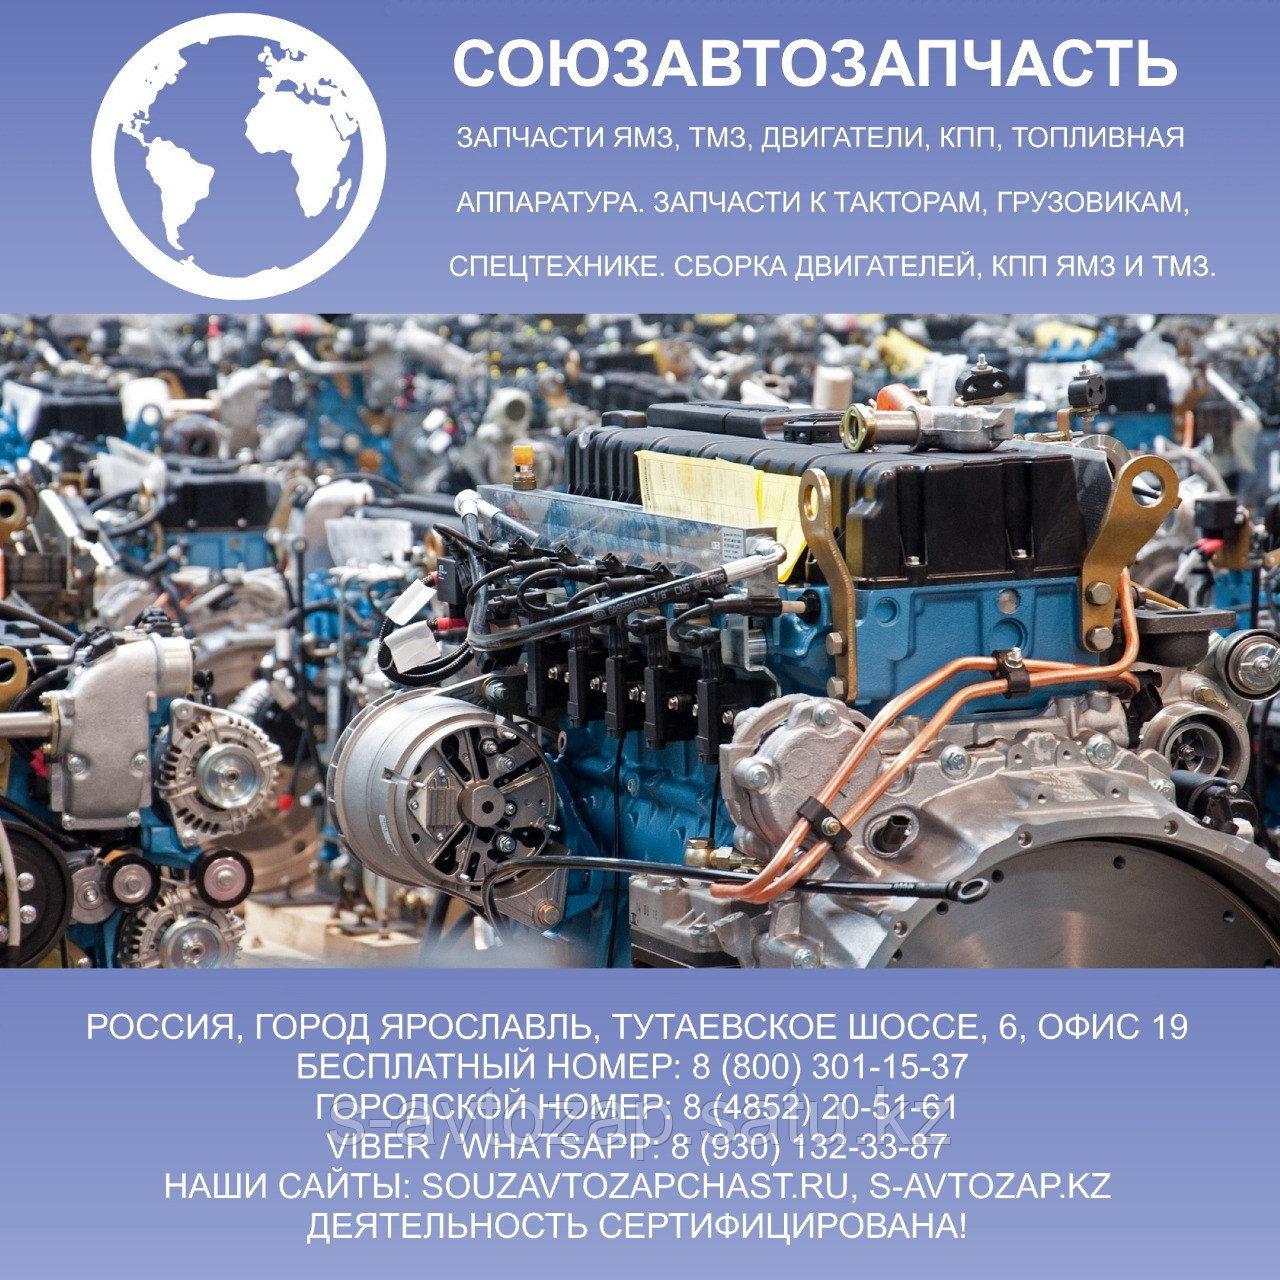 Двигатель без КПП и СЦ(Индивидуальной сборки)на блоке нового образца,вал номинал., для ЯМЗ 7512-1000186-04